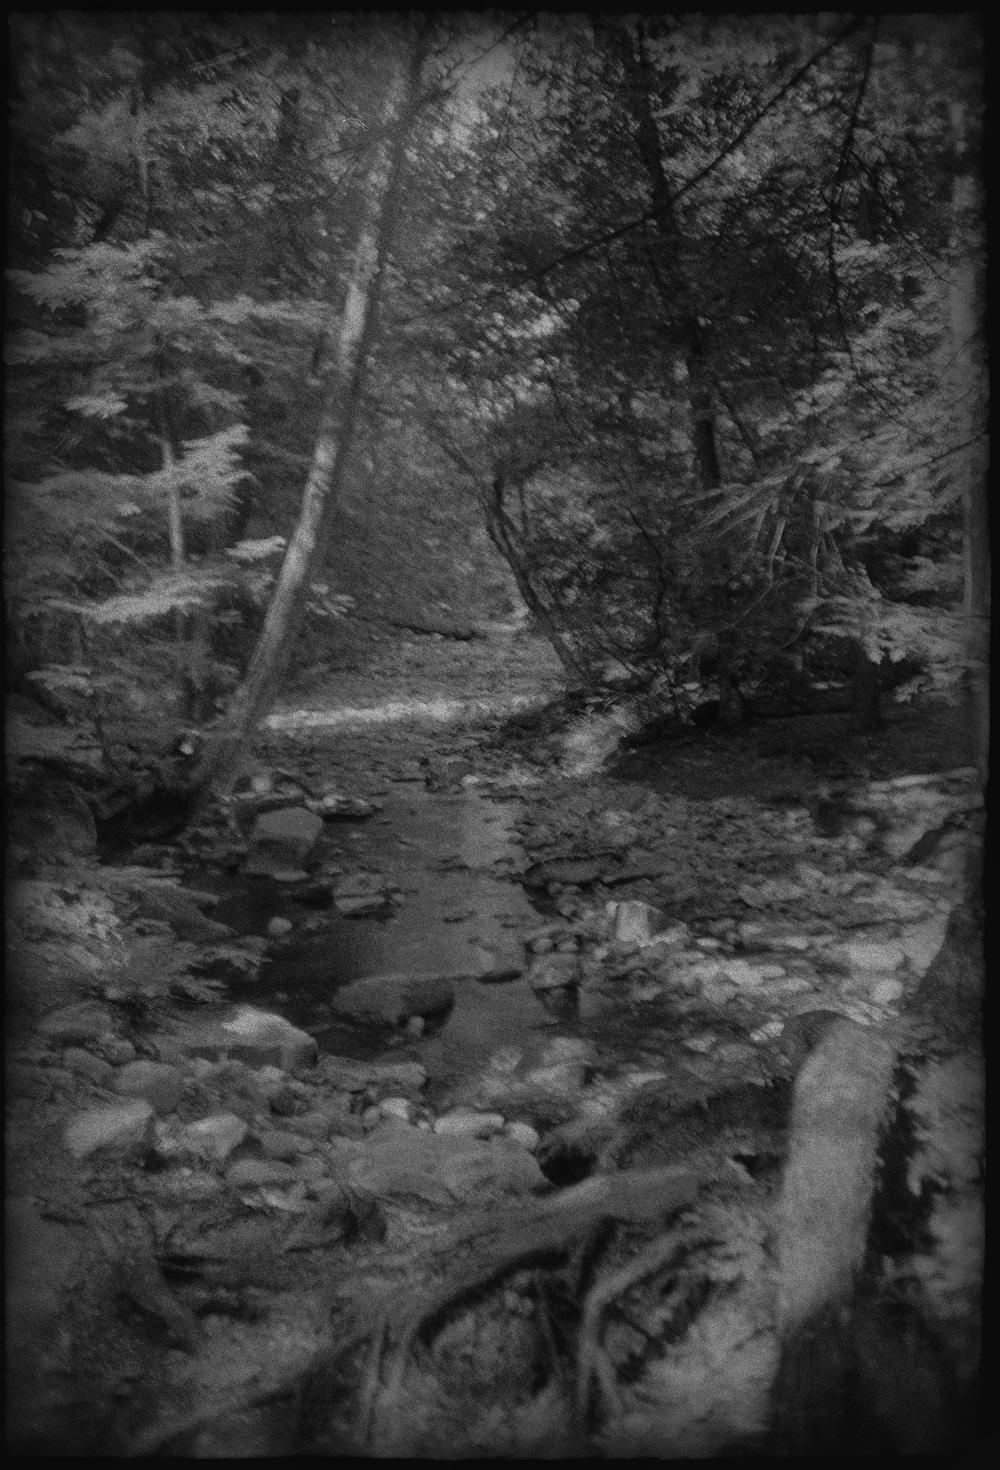 Woods-5.jpg